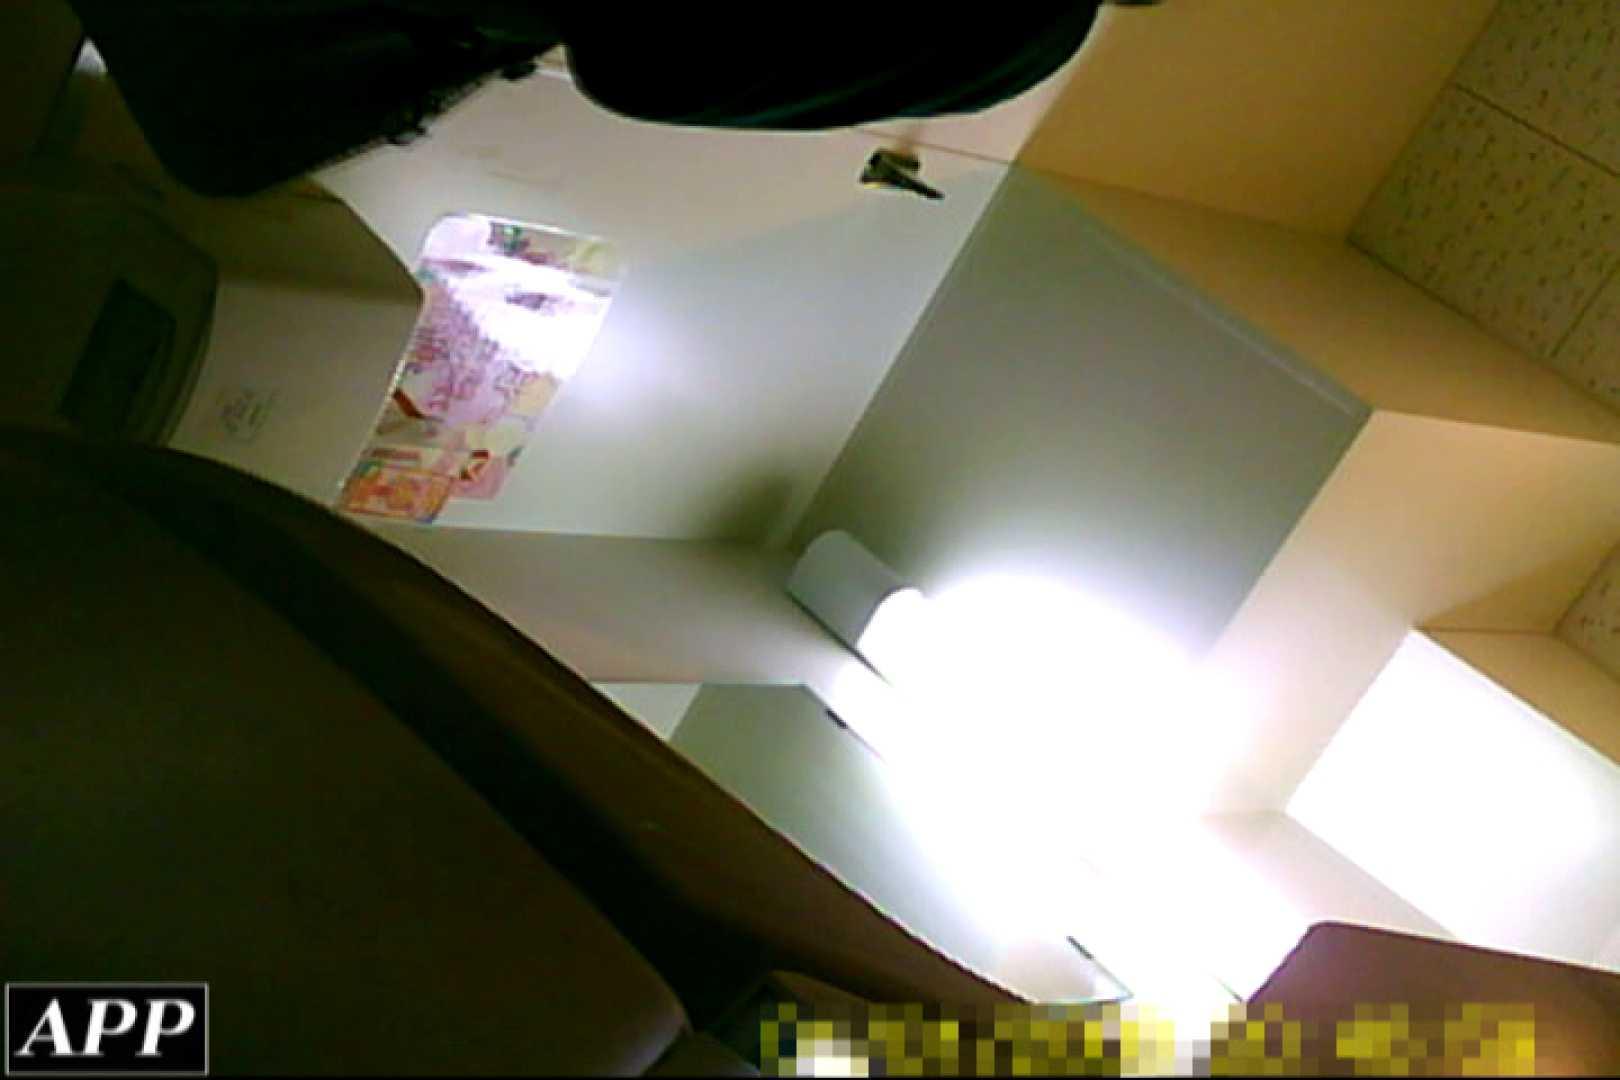 3視点洗面所 vol.87 マンコ無修正 盗み撮りAV無料動画キャプチャ 52画像 34